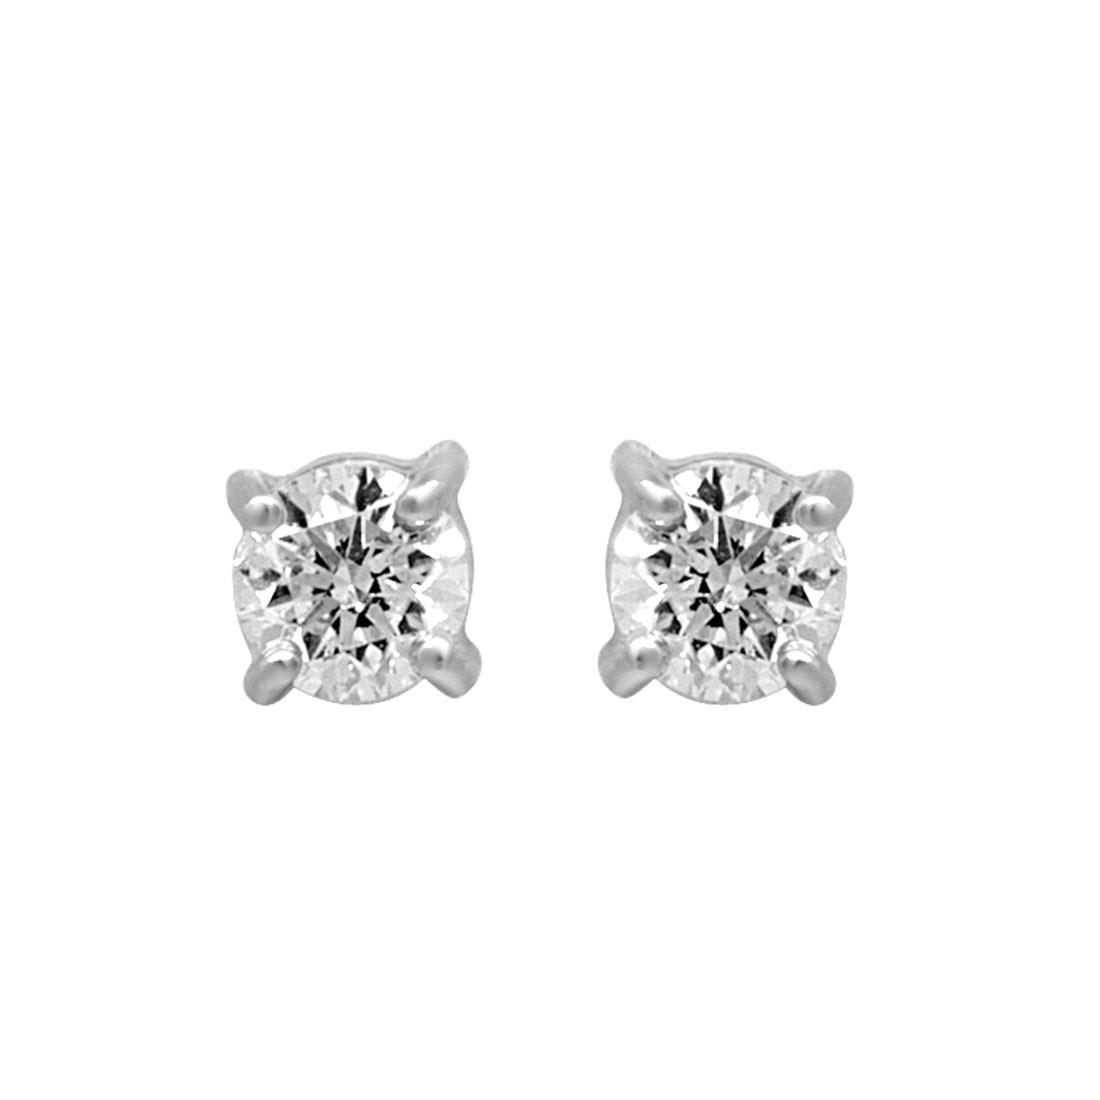 Orecchini punto luce in oro bianco con diamanti ct 0.40 - ALFIERI & ST. JOHN